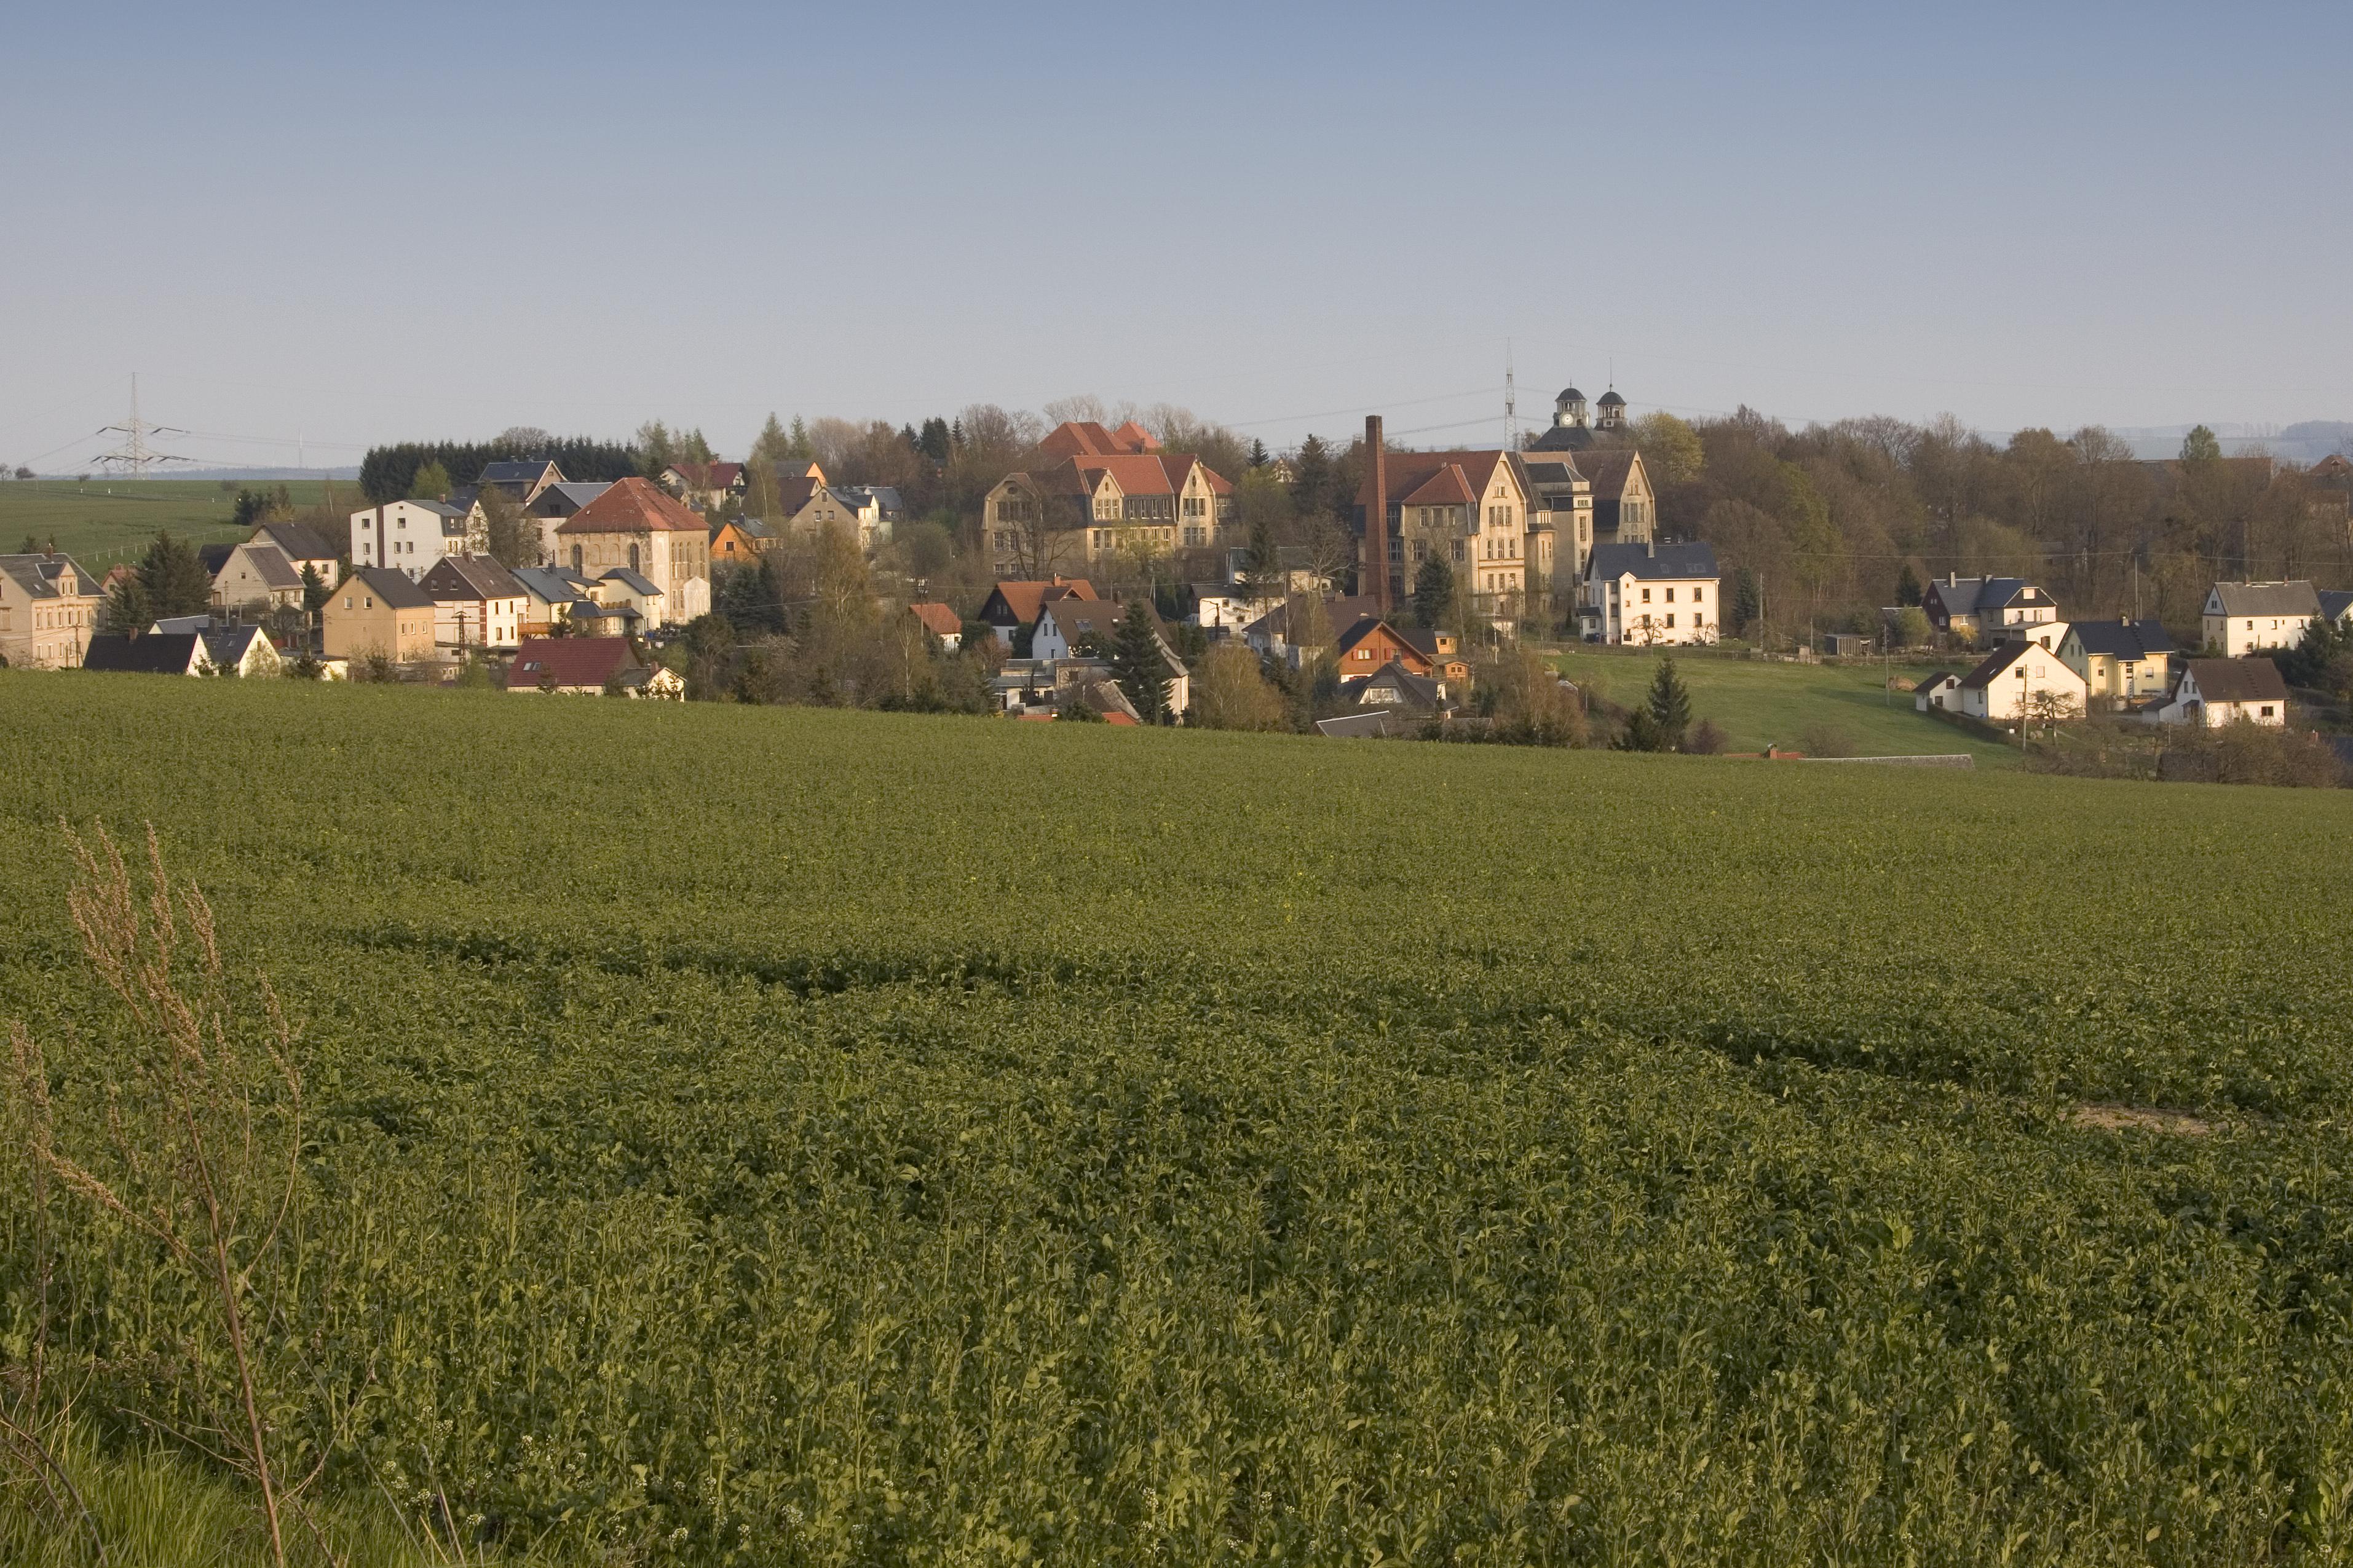 Bräunsdorf (Oberschöna)